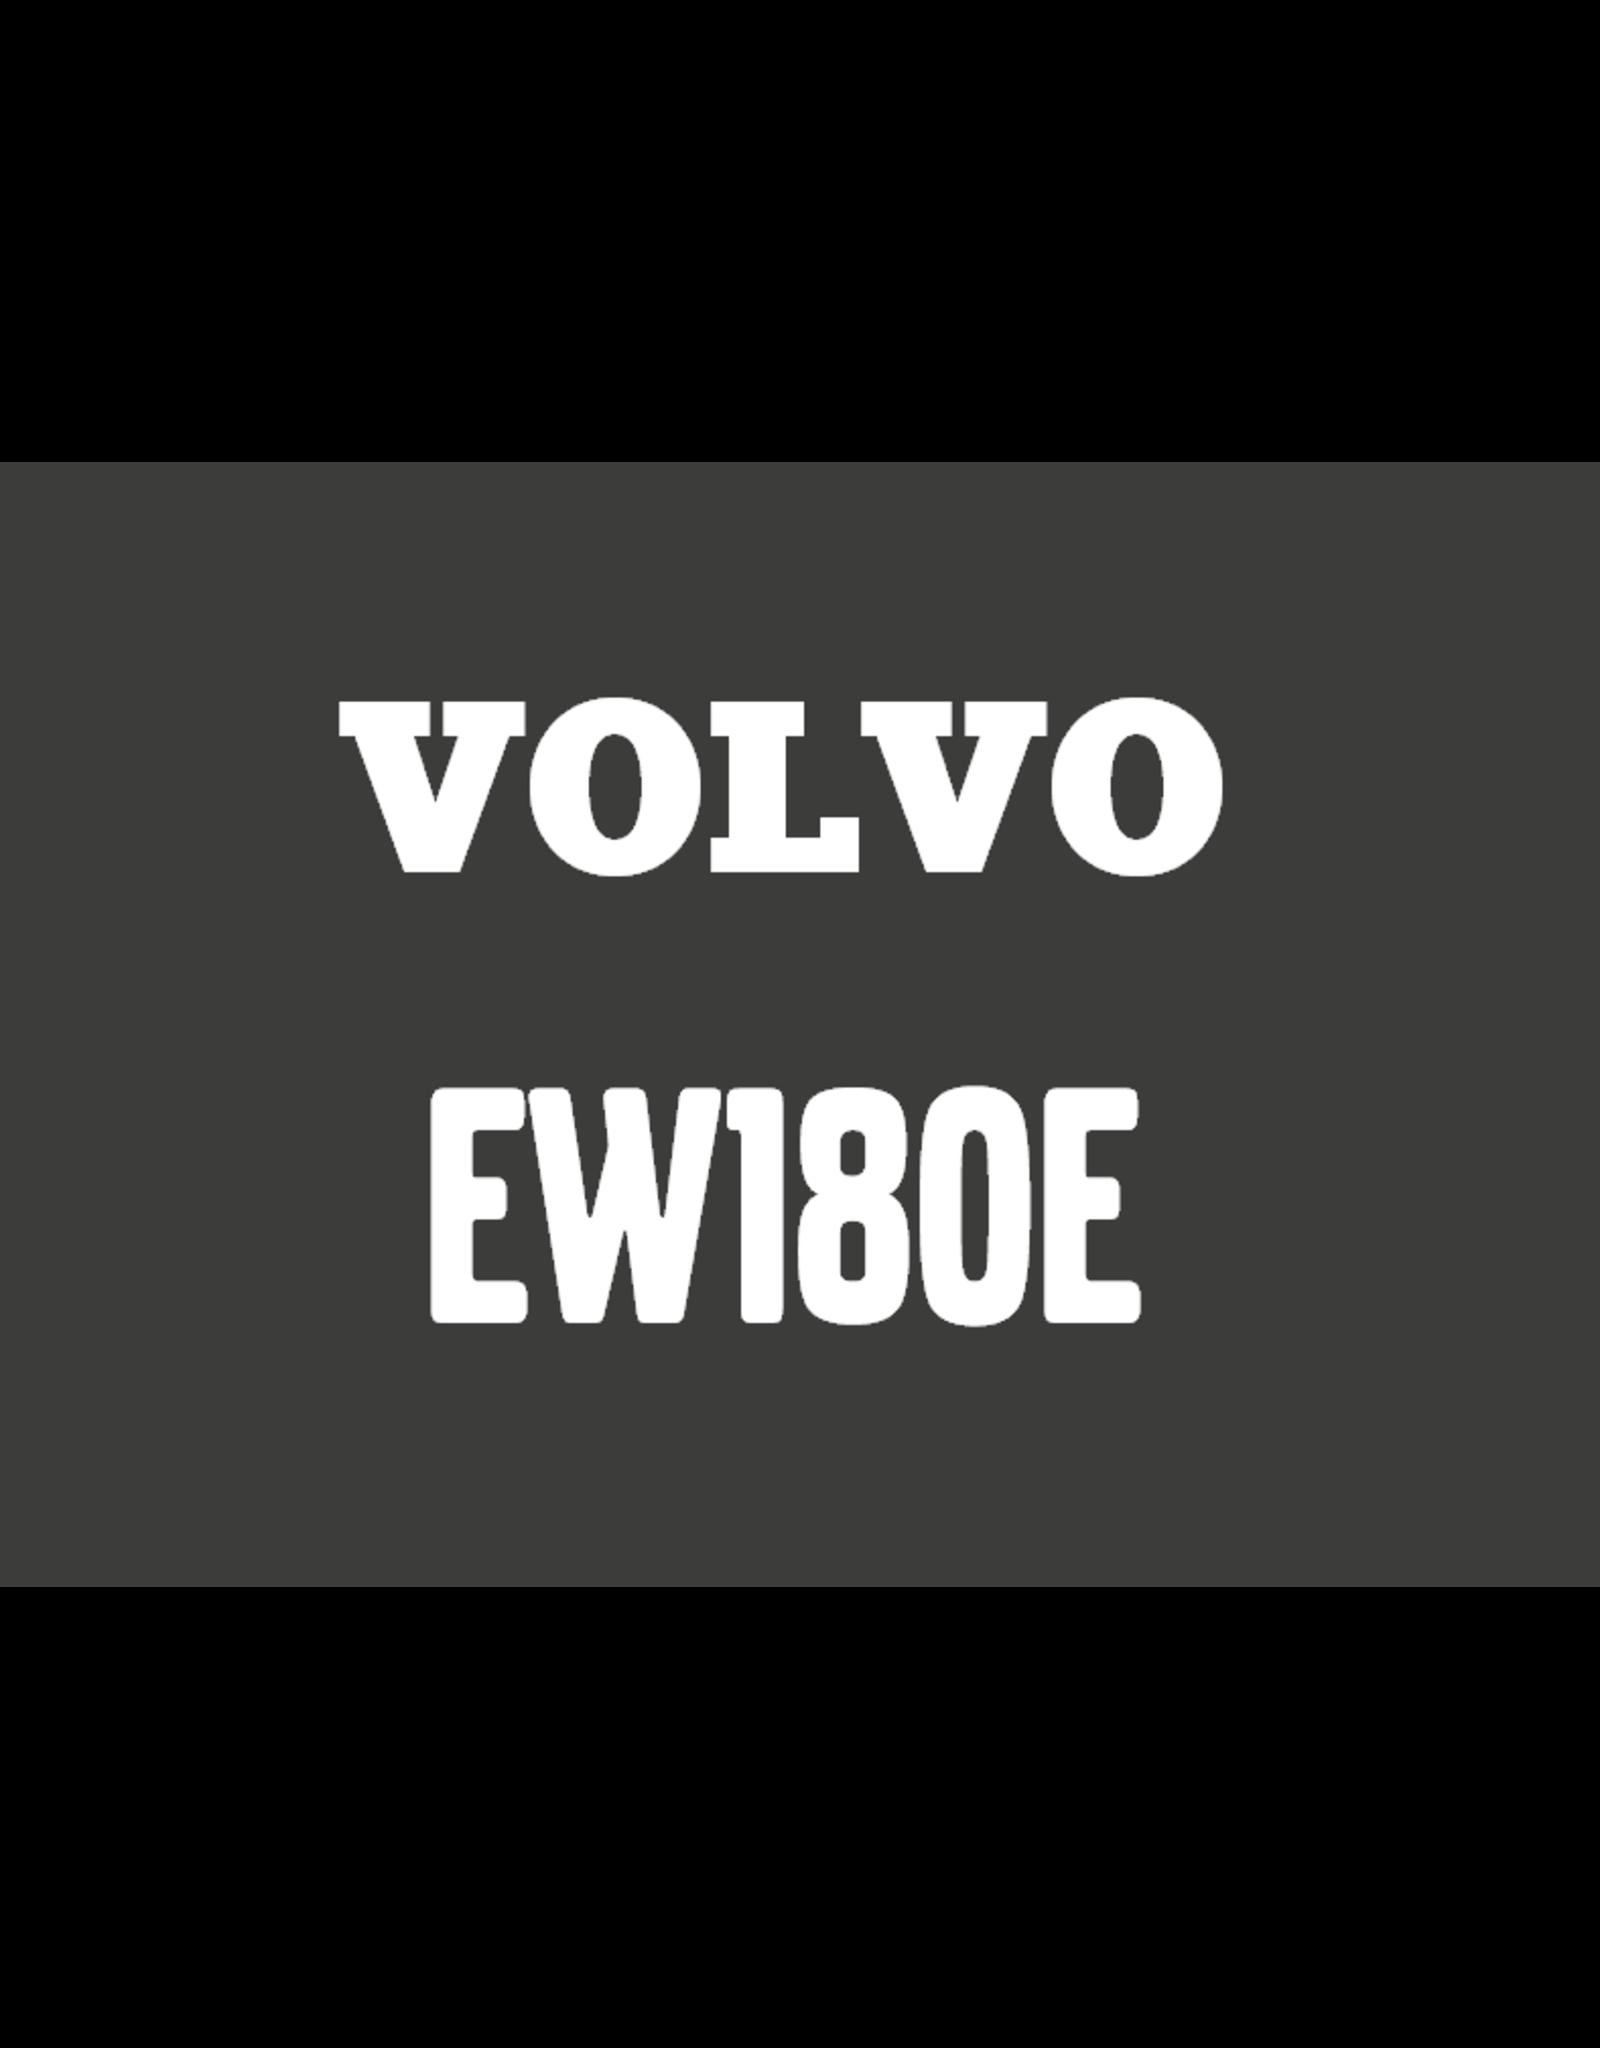 Echle Hartstahl GmbH FOPS für Volvo EW180E